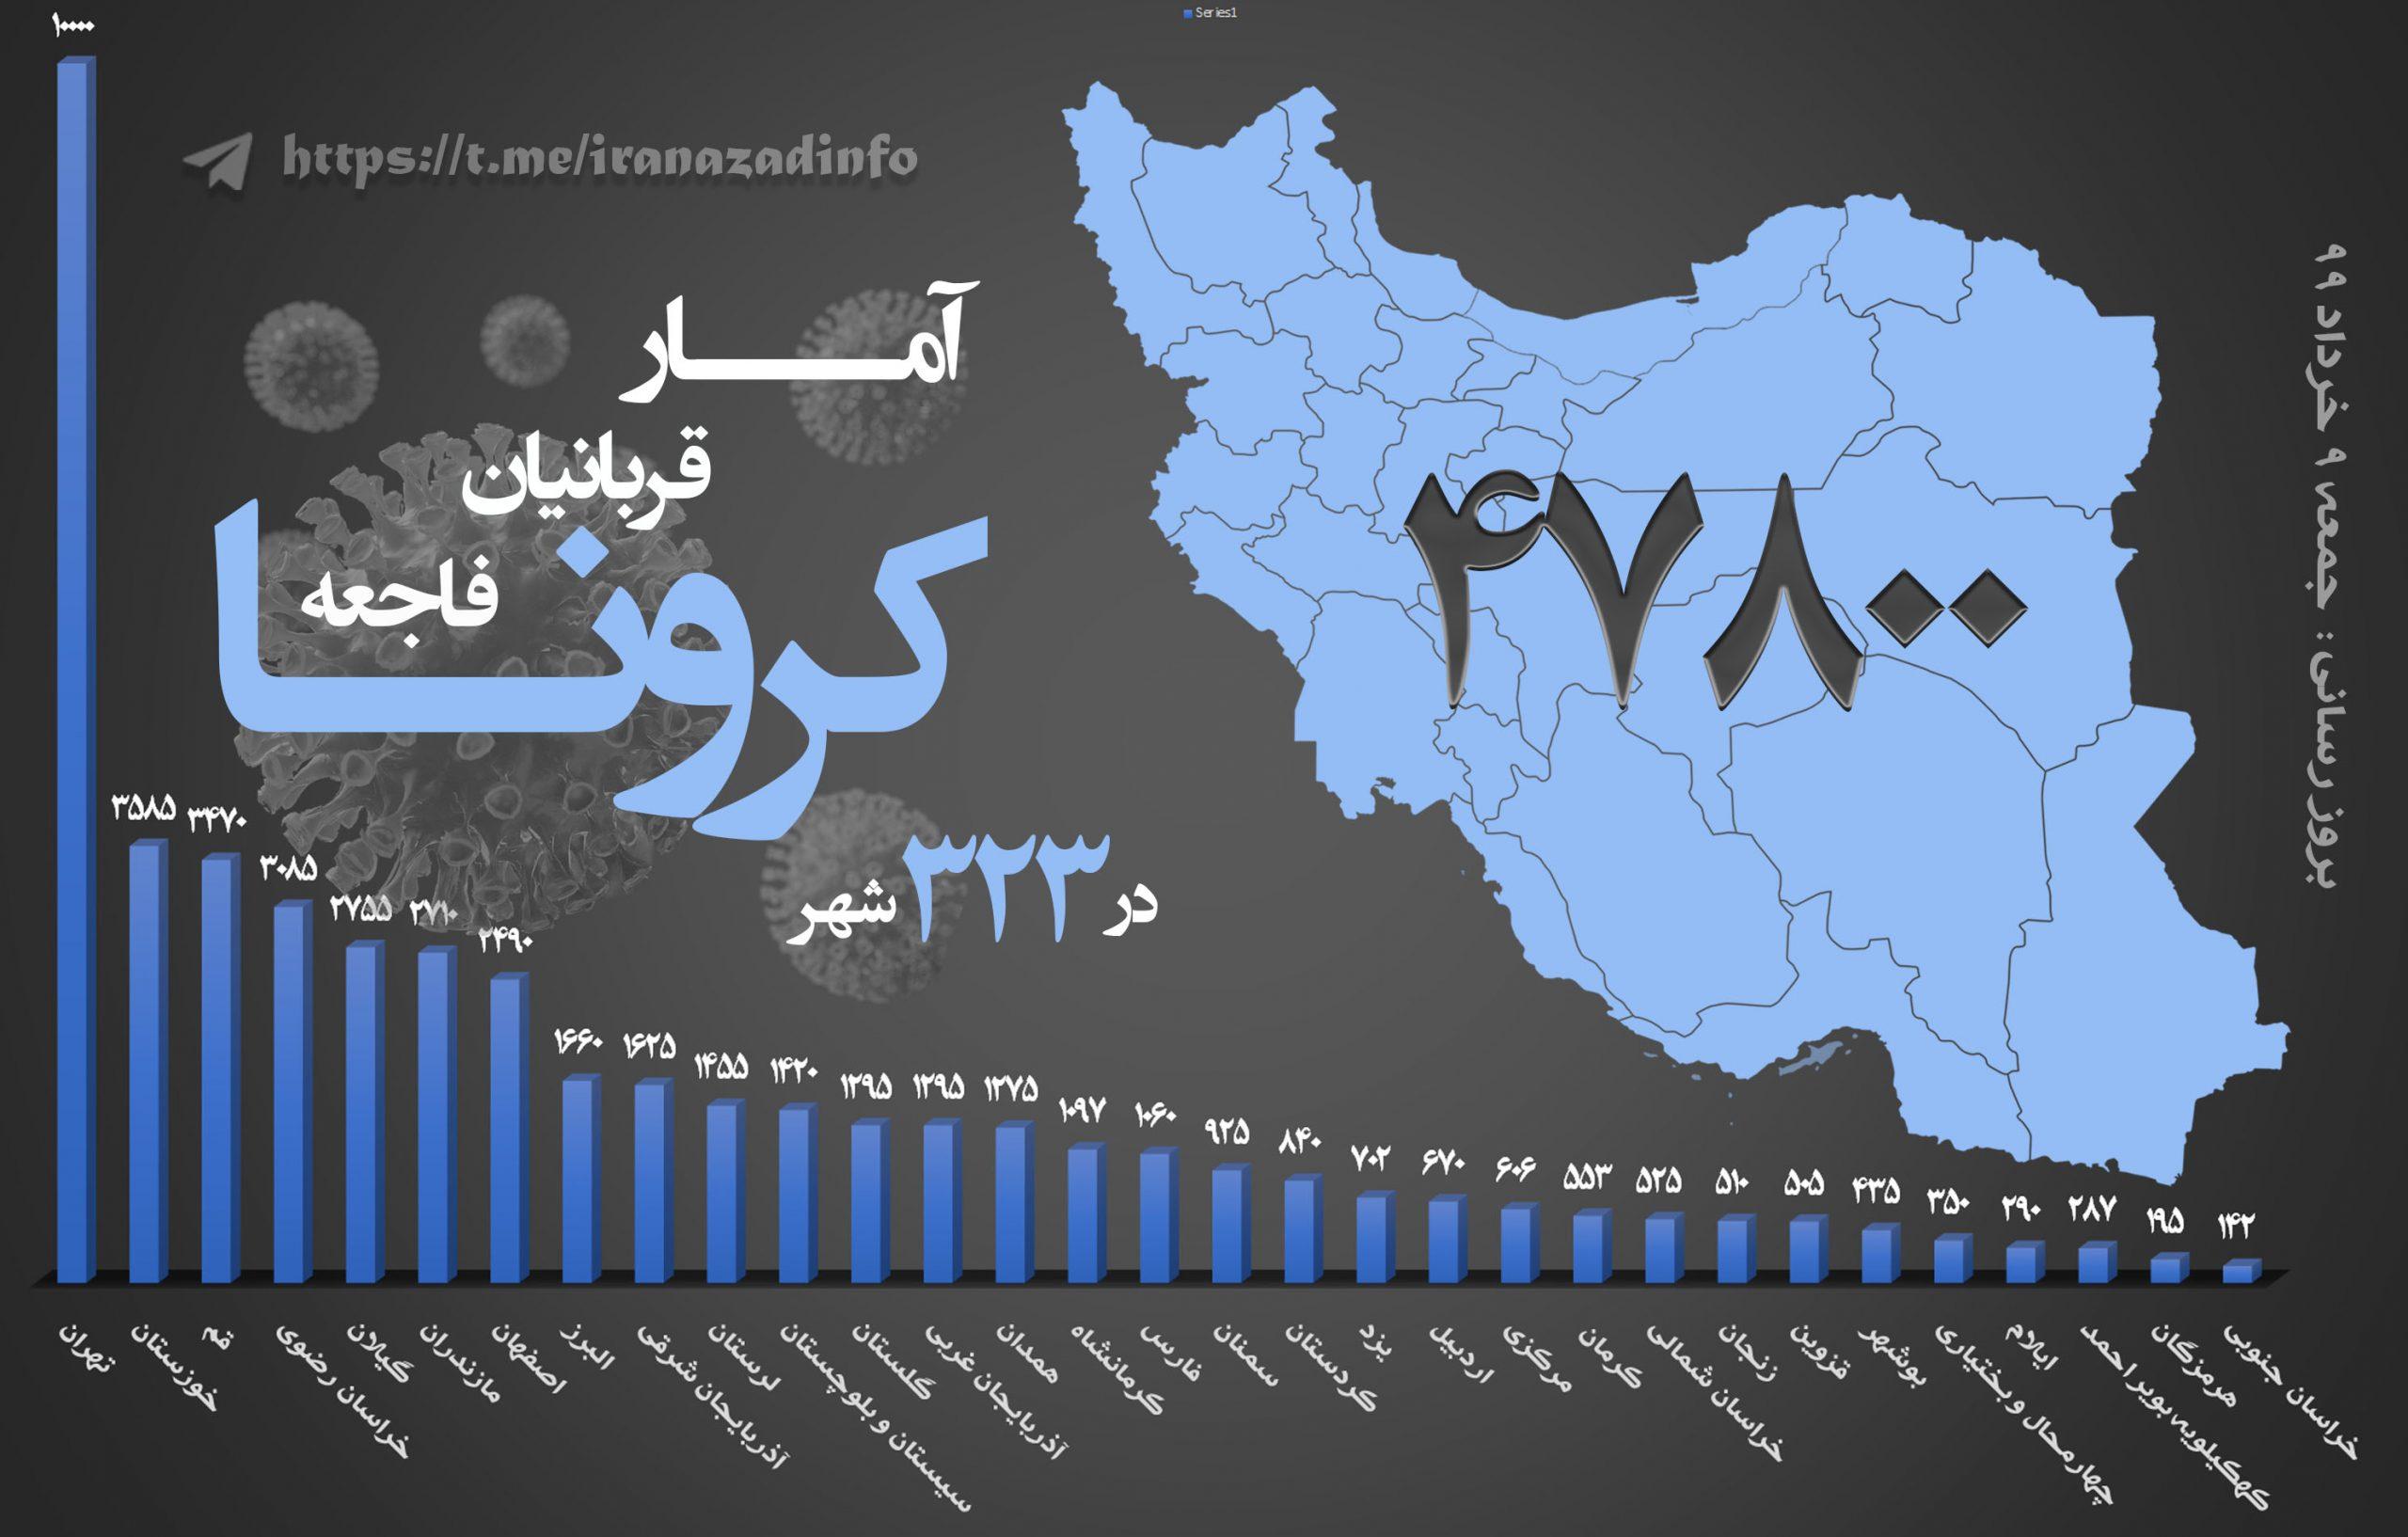 شیوع ویروس کرونا و وضعیت قرمز در استانها